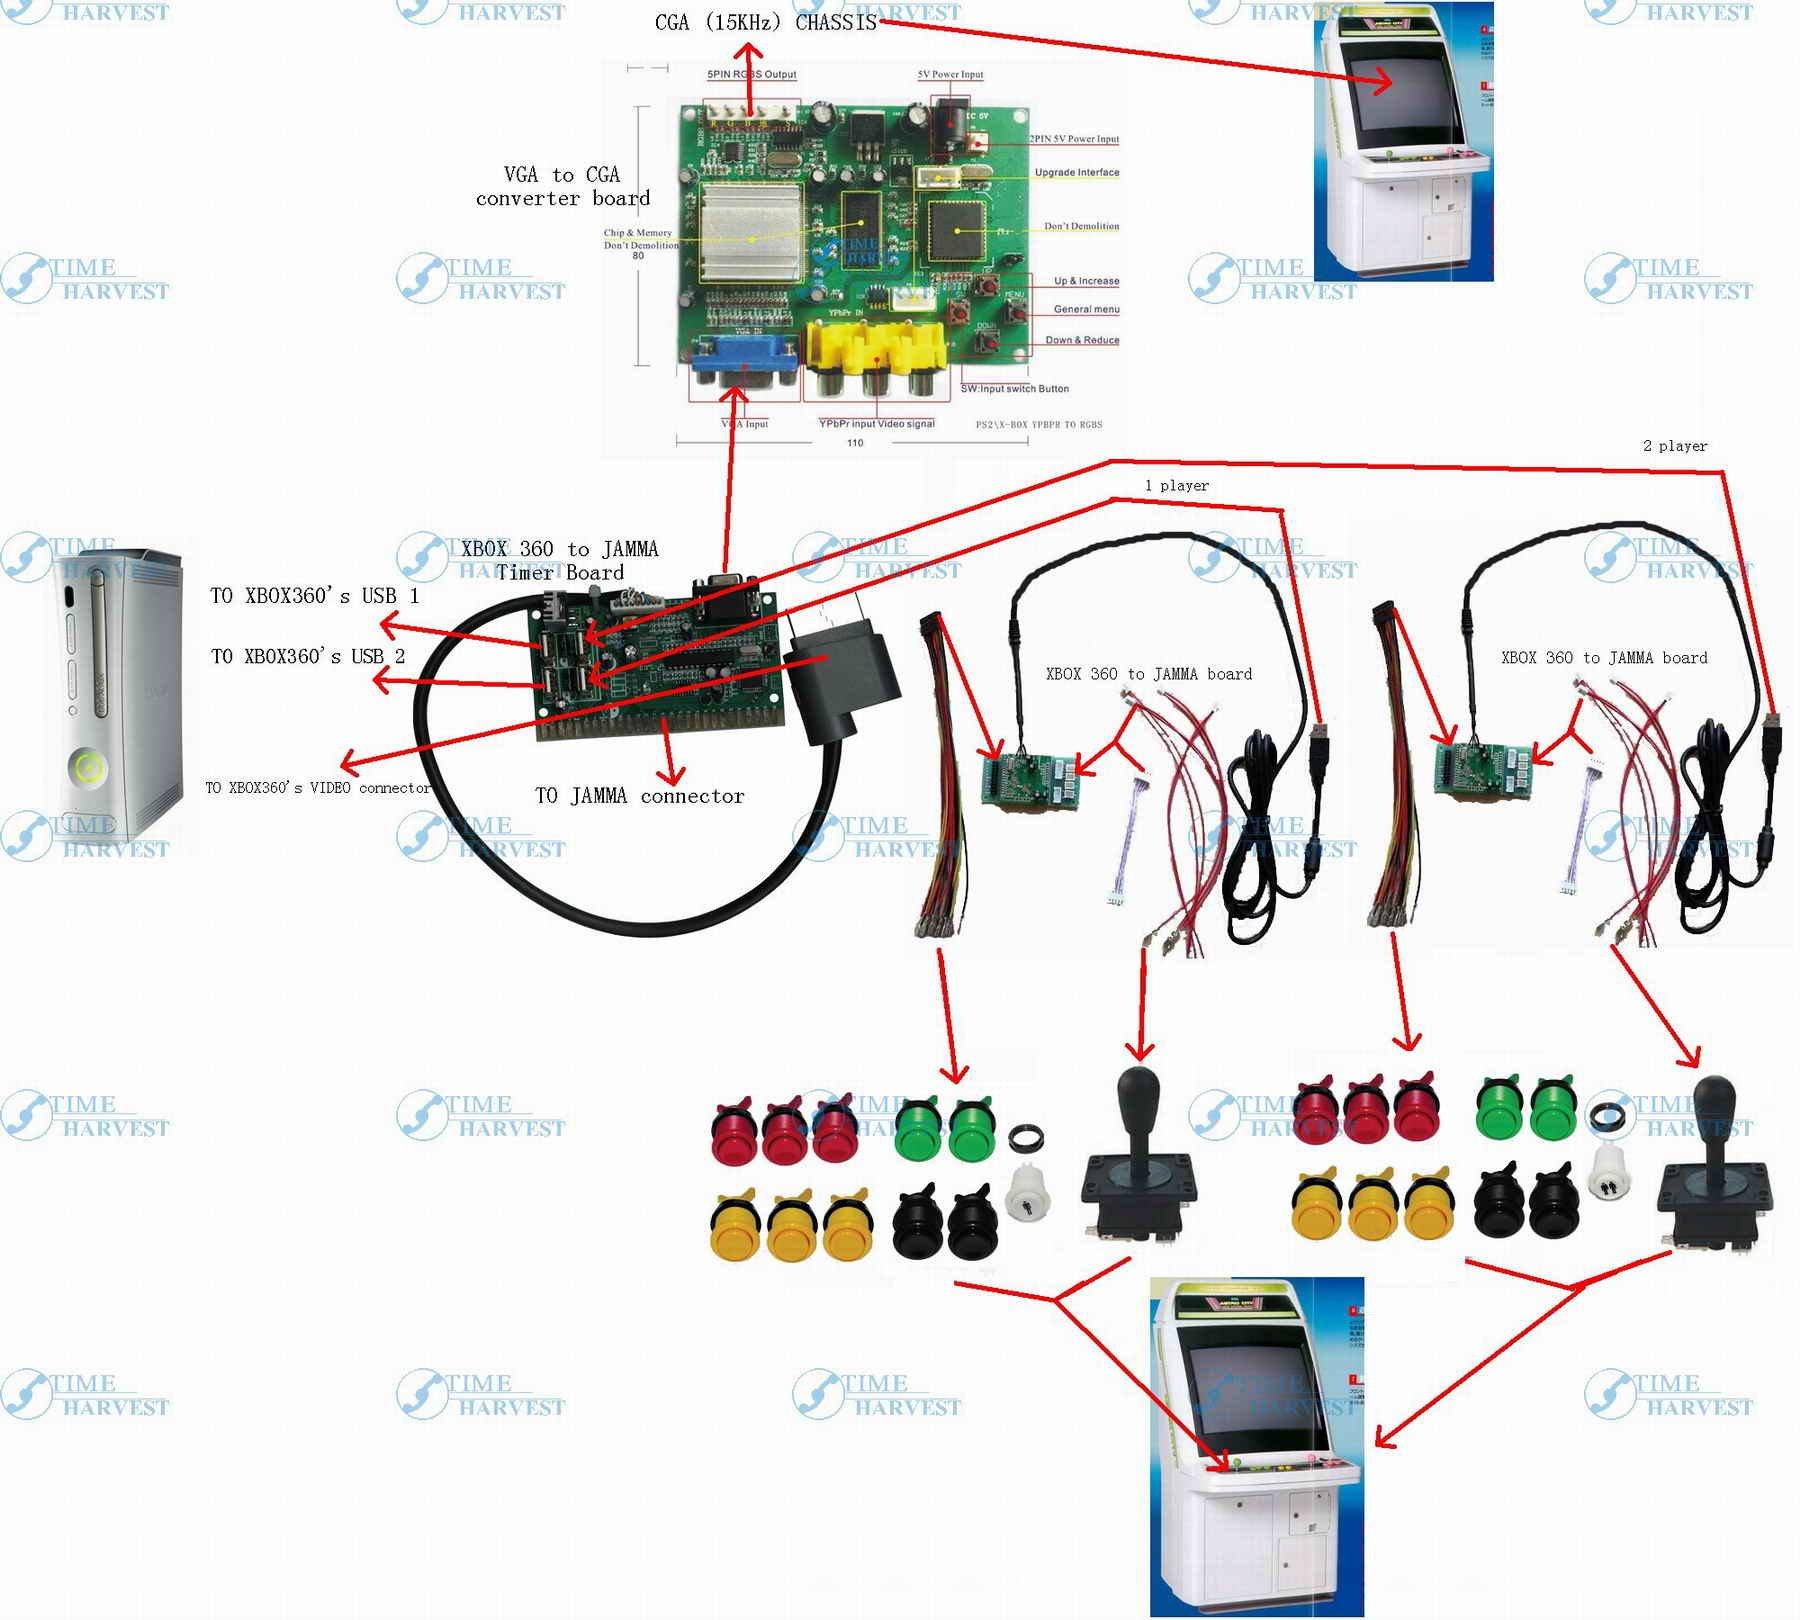 428061097_209 diy arcade parts bundles timeharvest net timeharvest net wiring diagram for arcade machine at bayanpartner.co